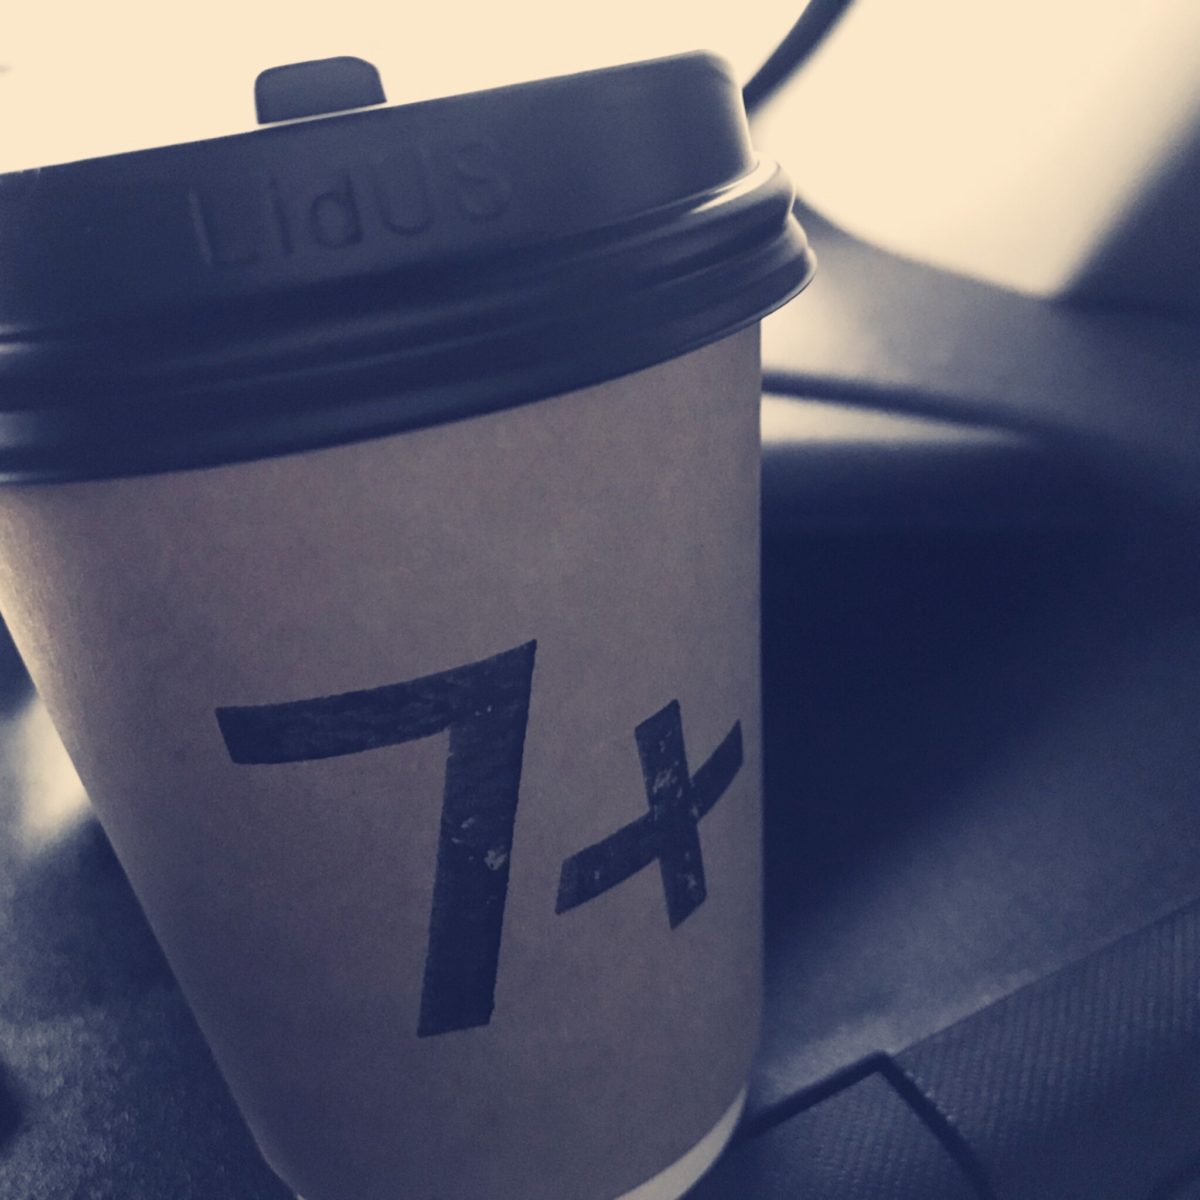 コーヒー屋さん☕️